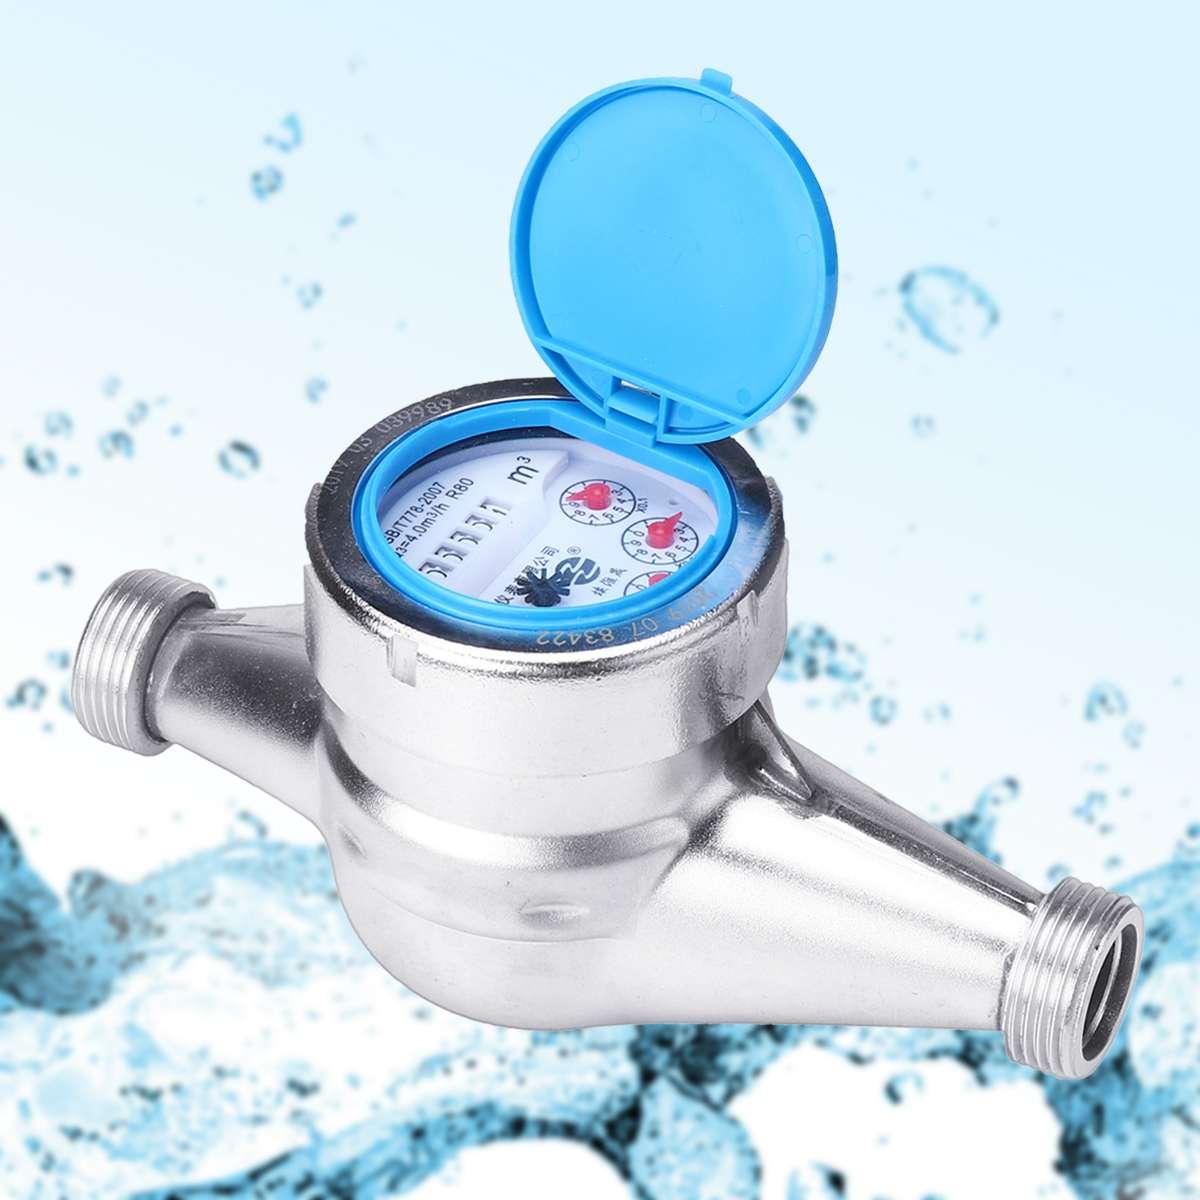 De acero inoxidable de medidor de agua de tipo húmedo frío medidor de agua de plástico del tipo Rotor de medición del medidor grifo encimera de casa Garde herramientas 15mm